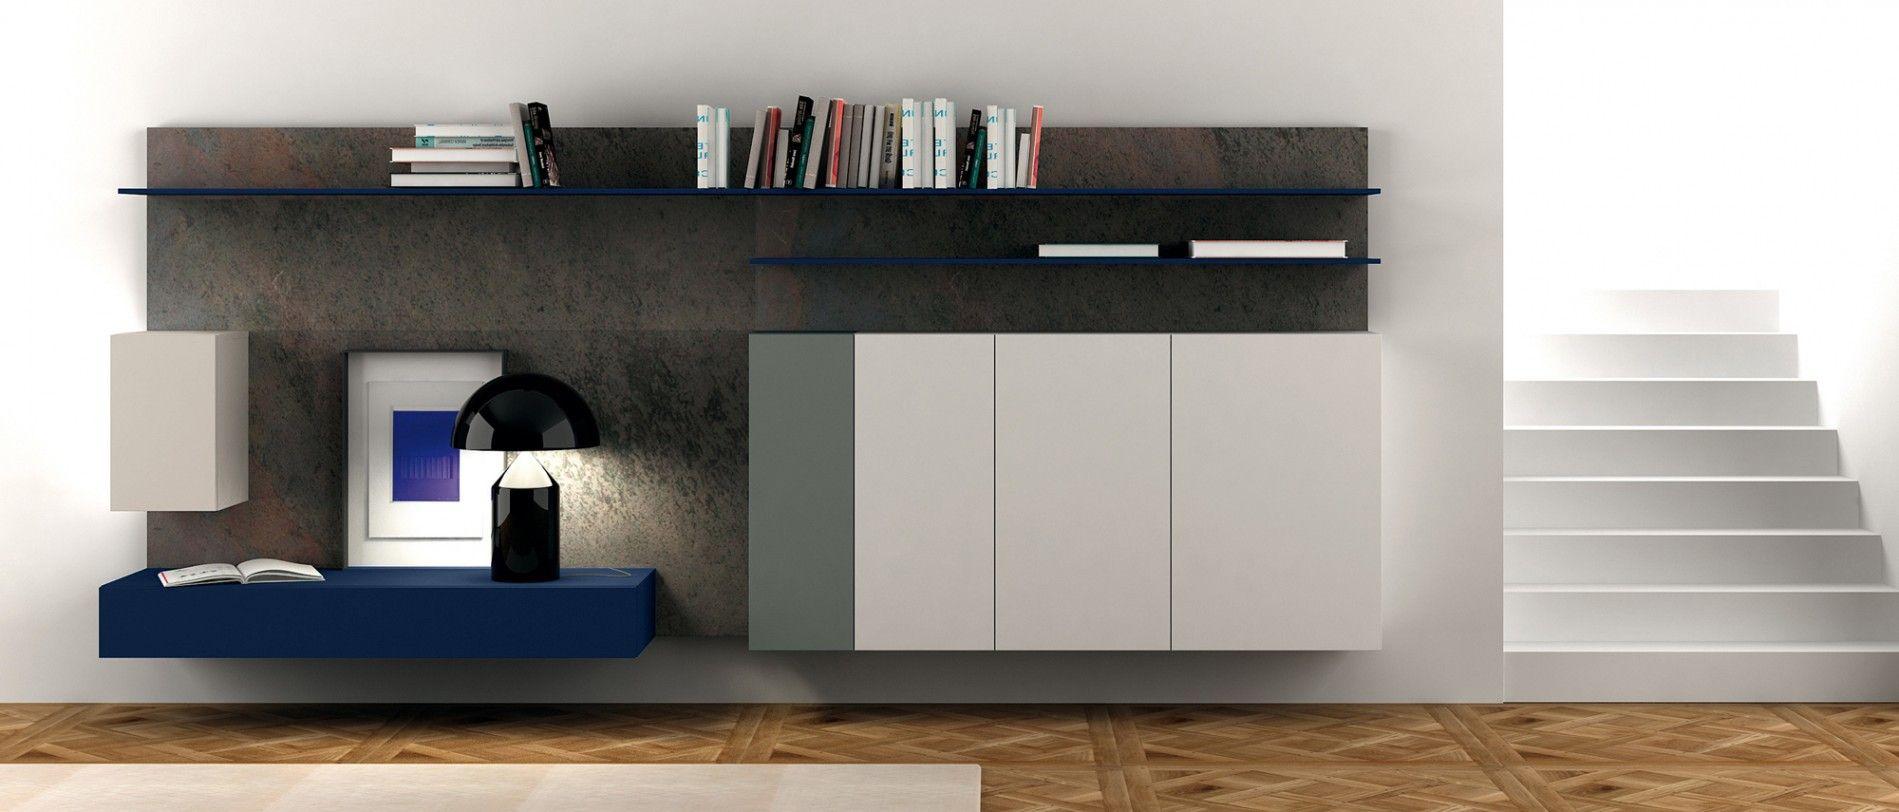 Composizione soggiorno serie spazio m214 di pianca for Arredamento online